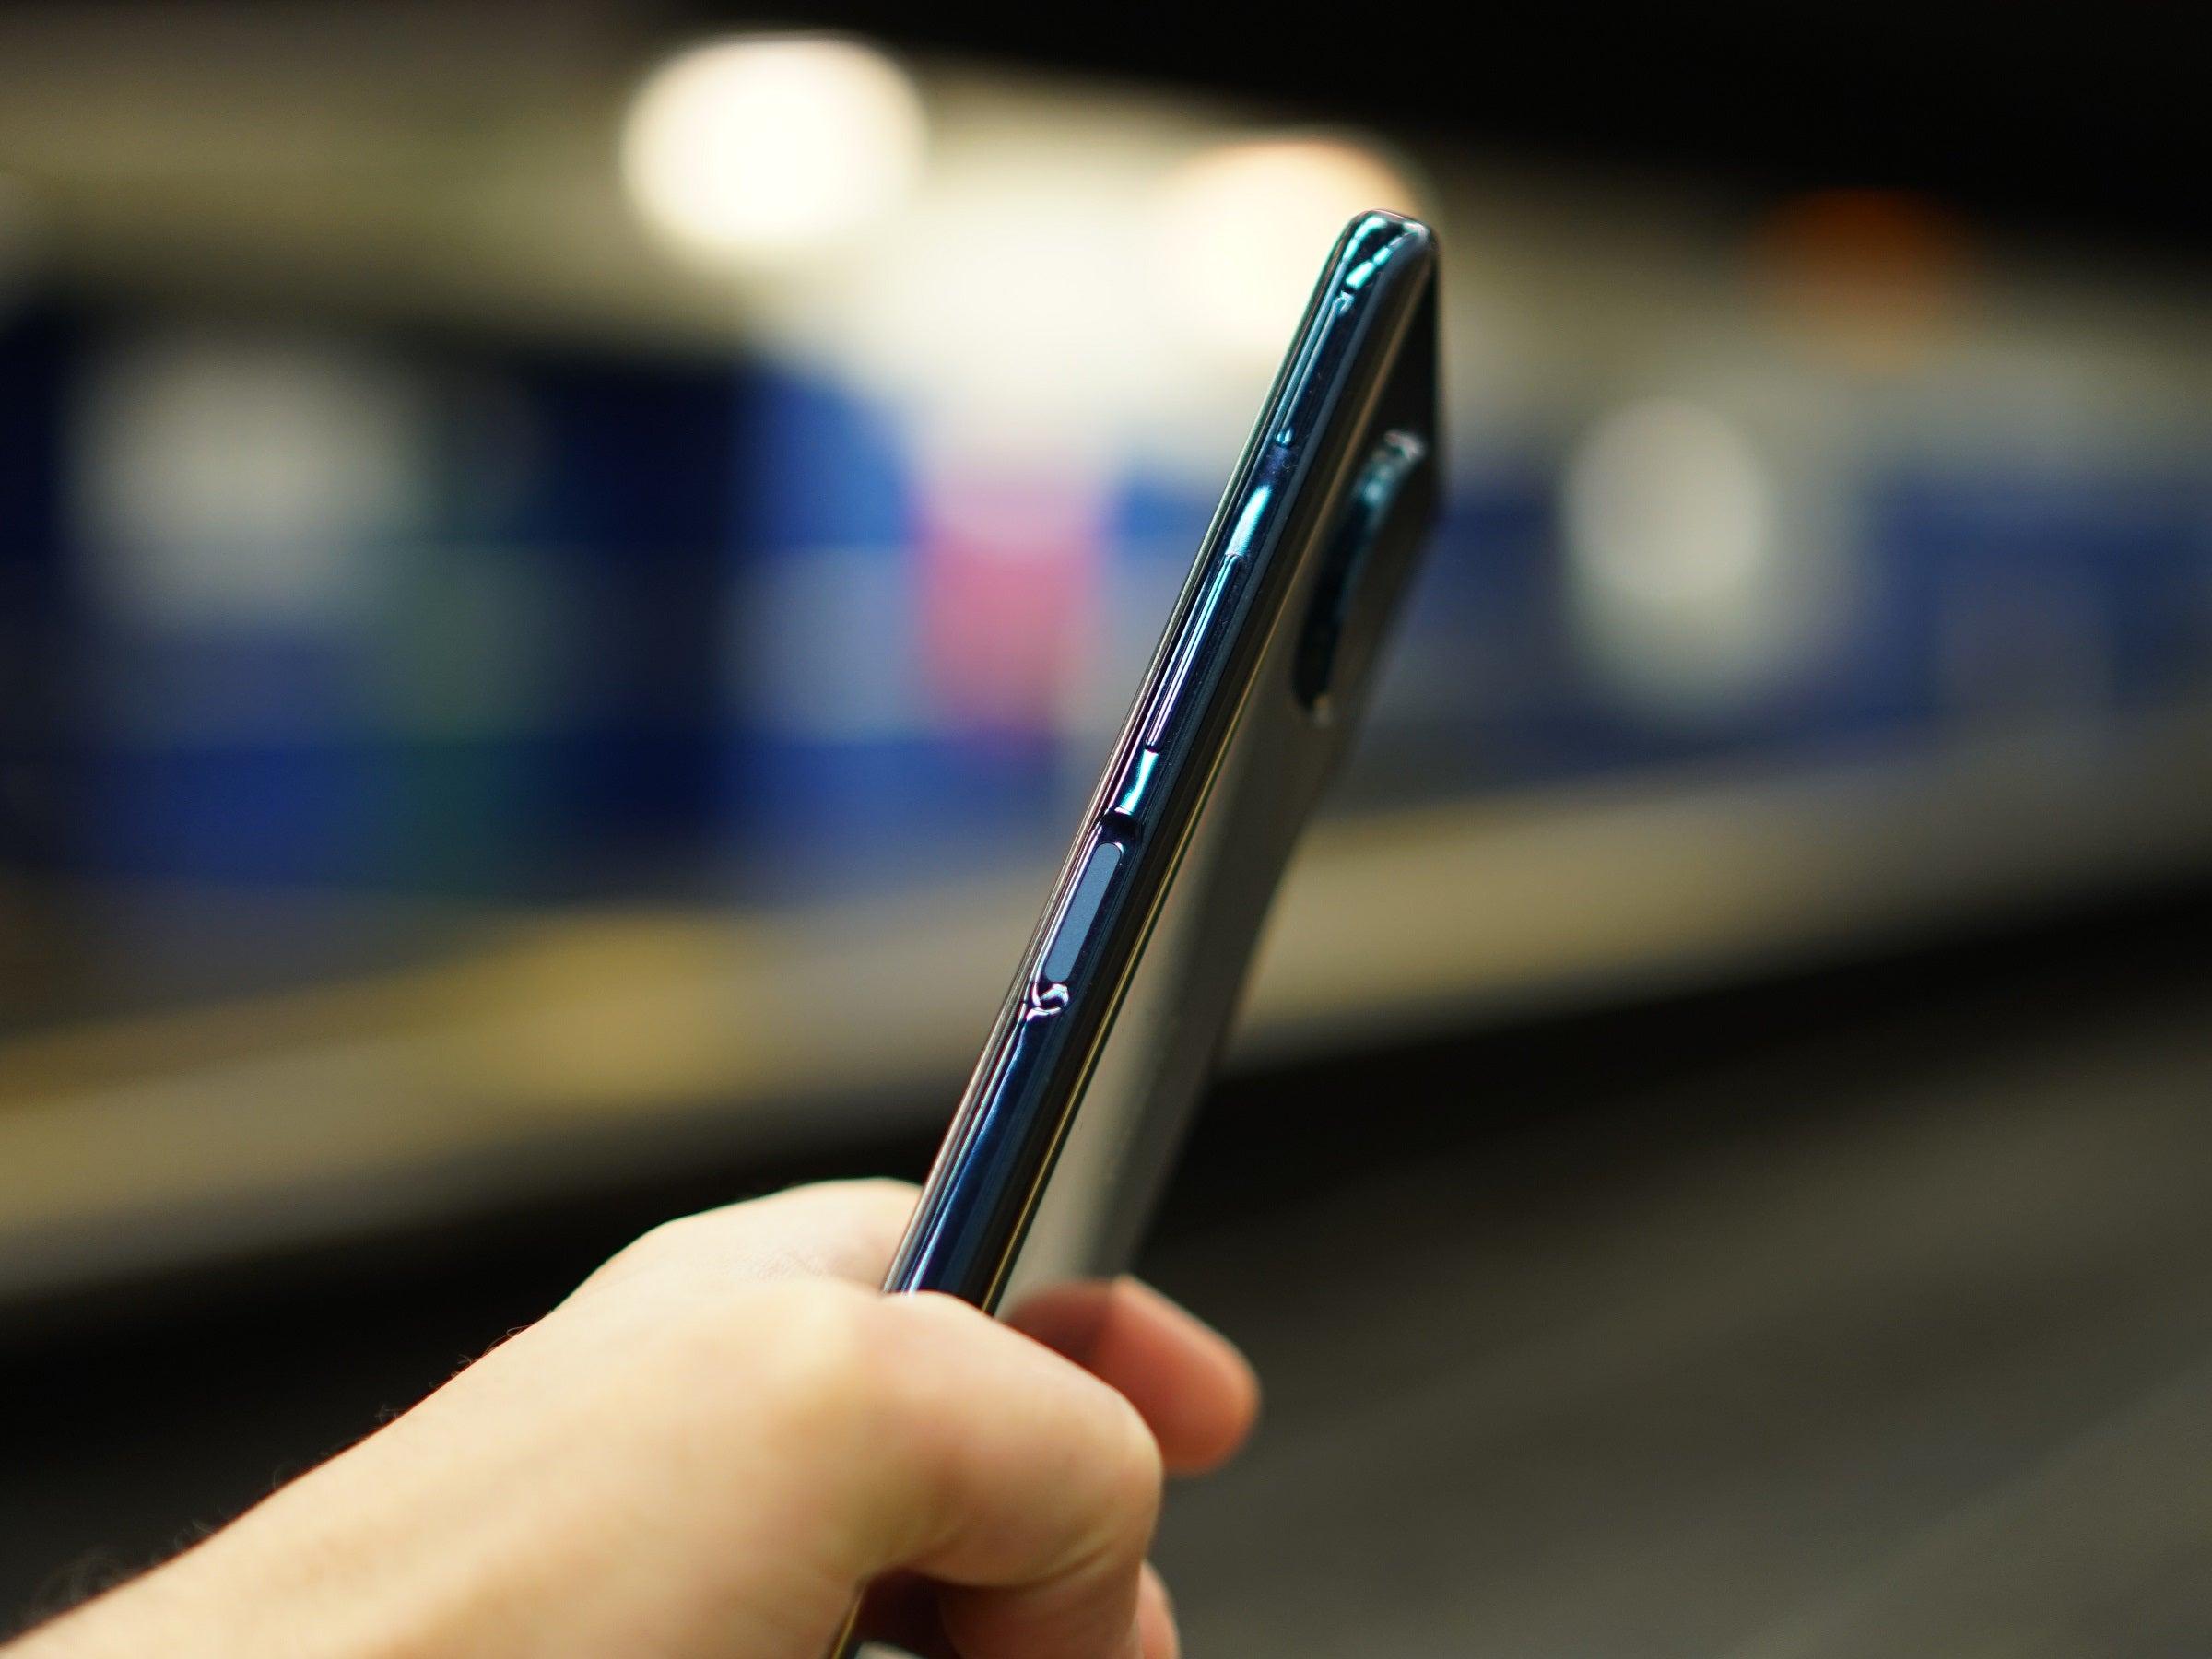 Neue Details: Das ist das wahrscheinlich beliebteste Handy des Jahres - inside digital